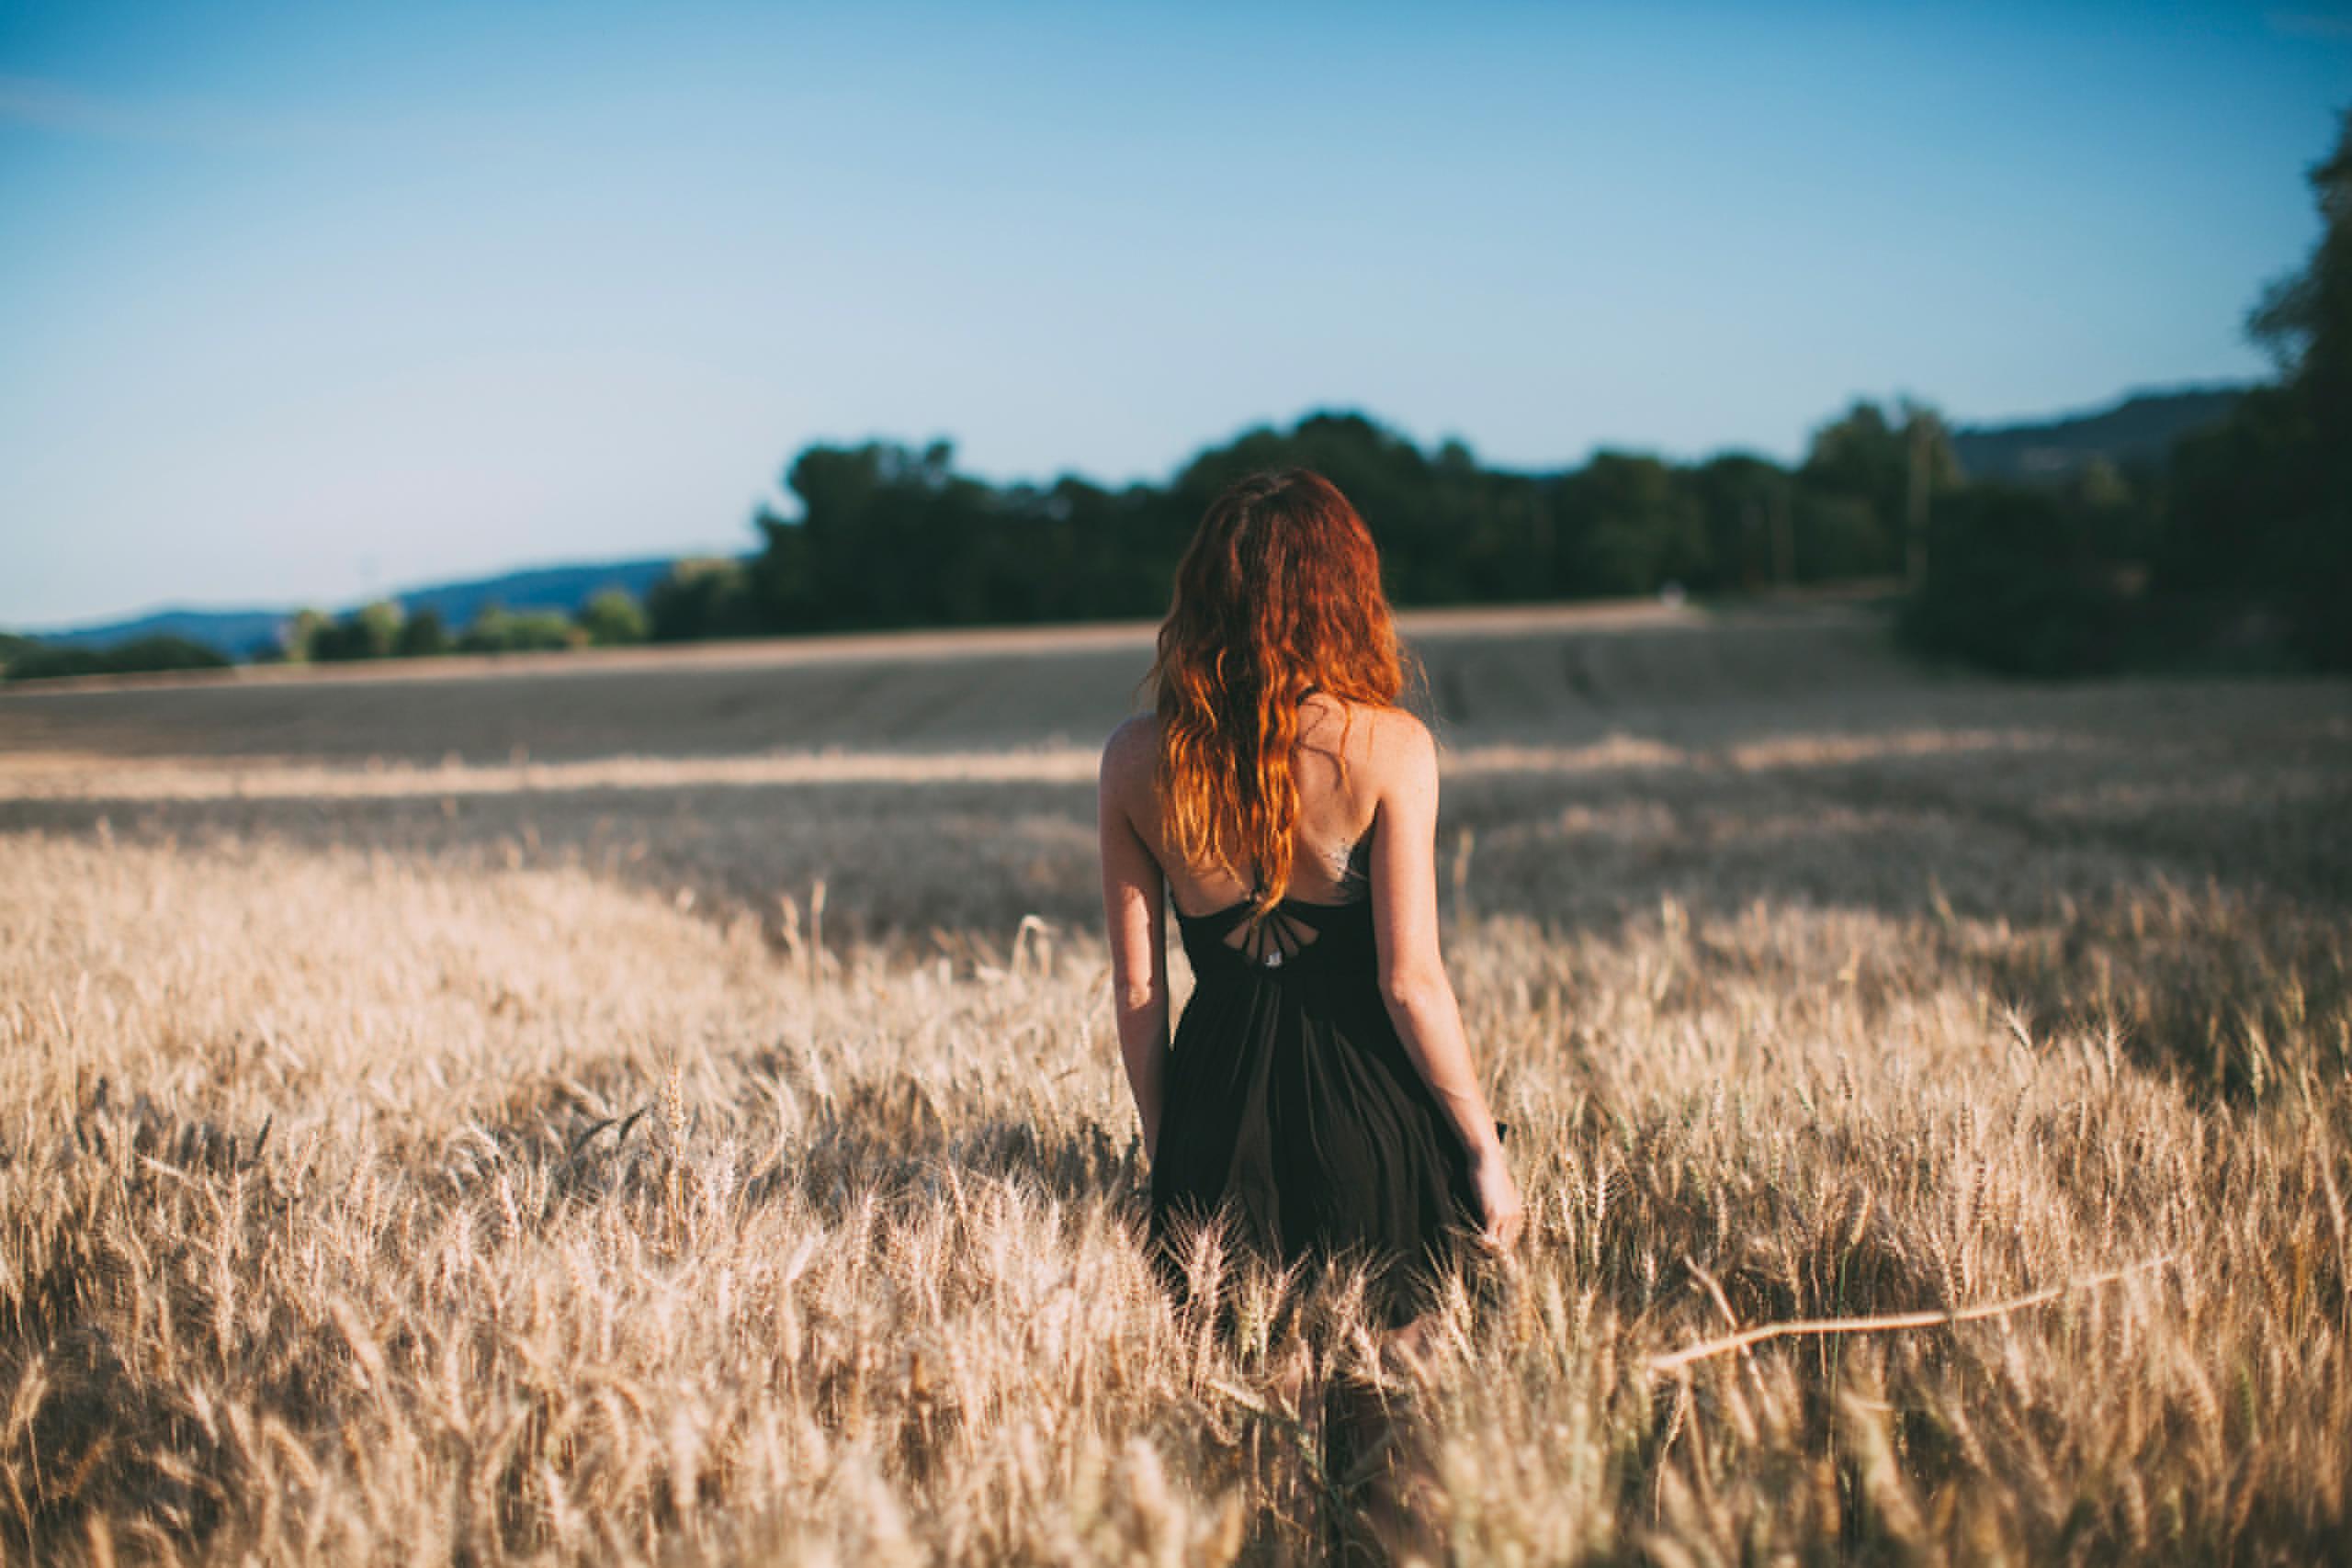 Девушка в поле с колосьями  № 1822152 бесплатно